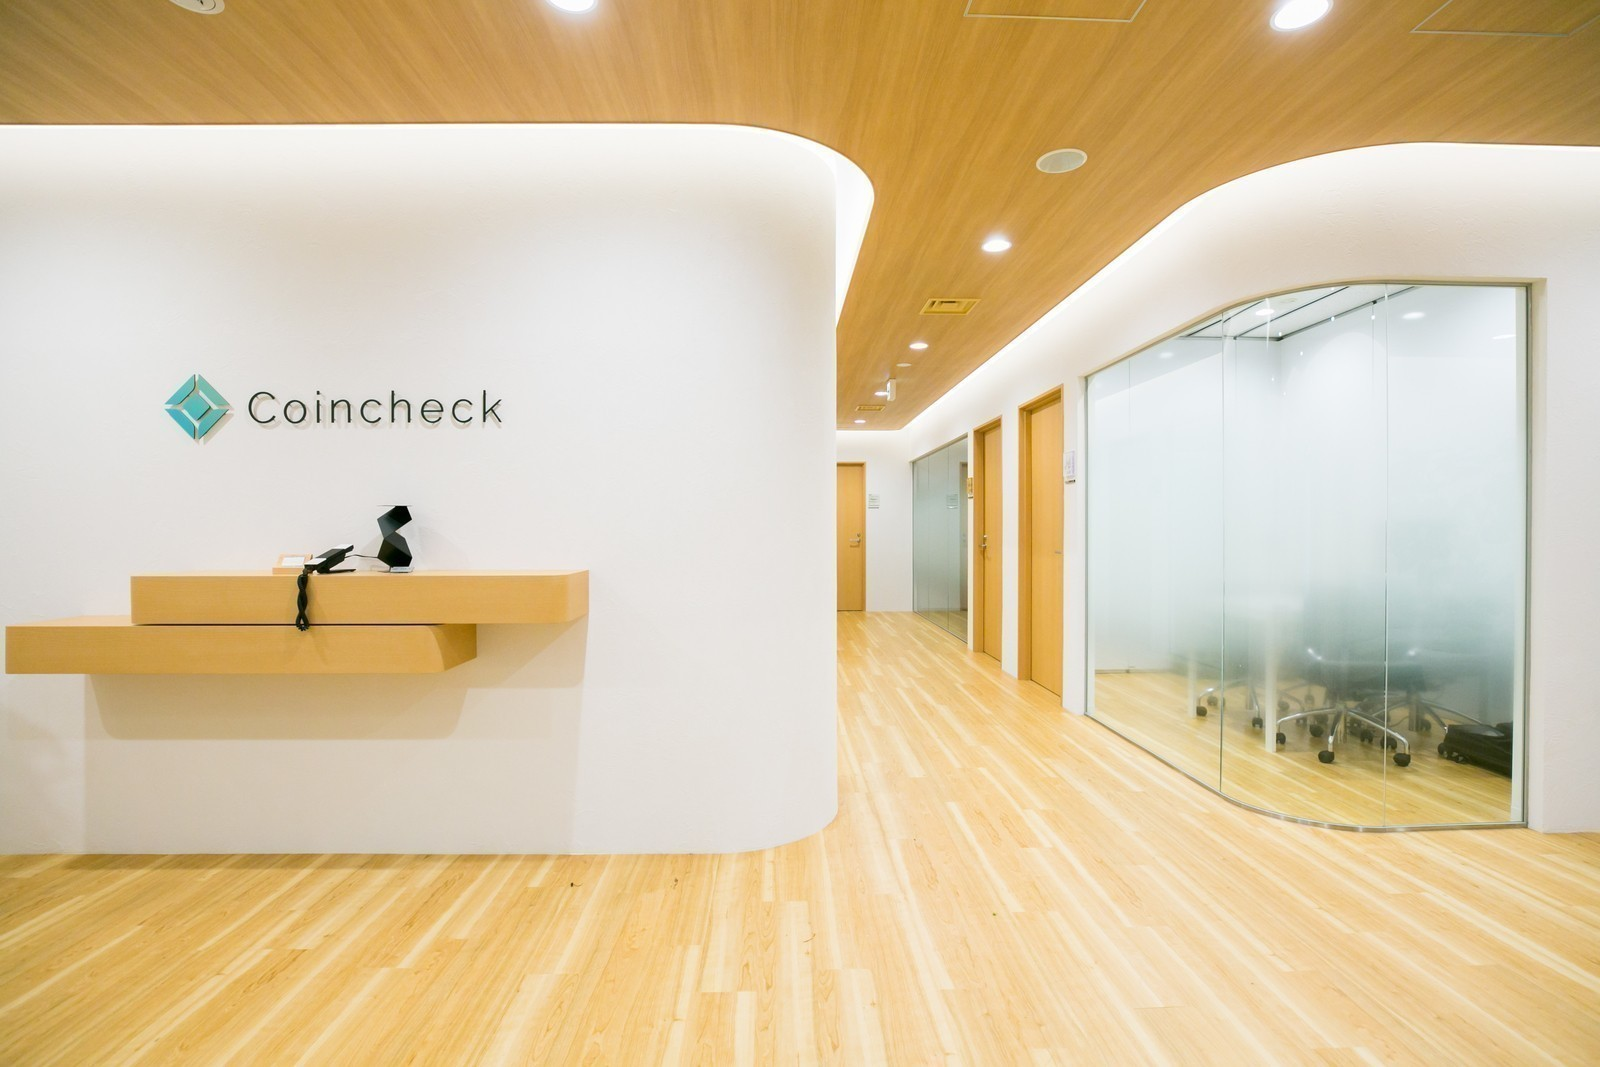 仮想通貨取引所「Coincheck」事業拡大に向けた組織力強化の為 仮想通貨エンジニア (バックエンドアプリケーション)を募集!